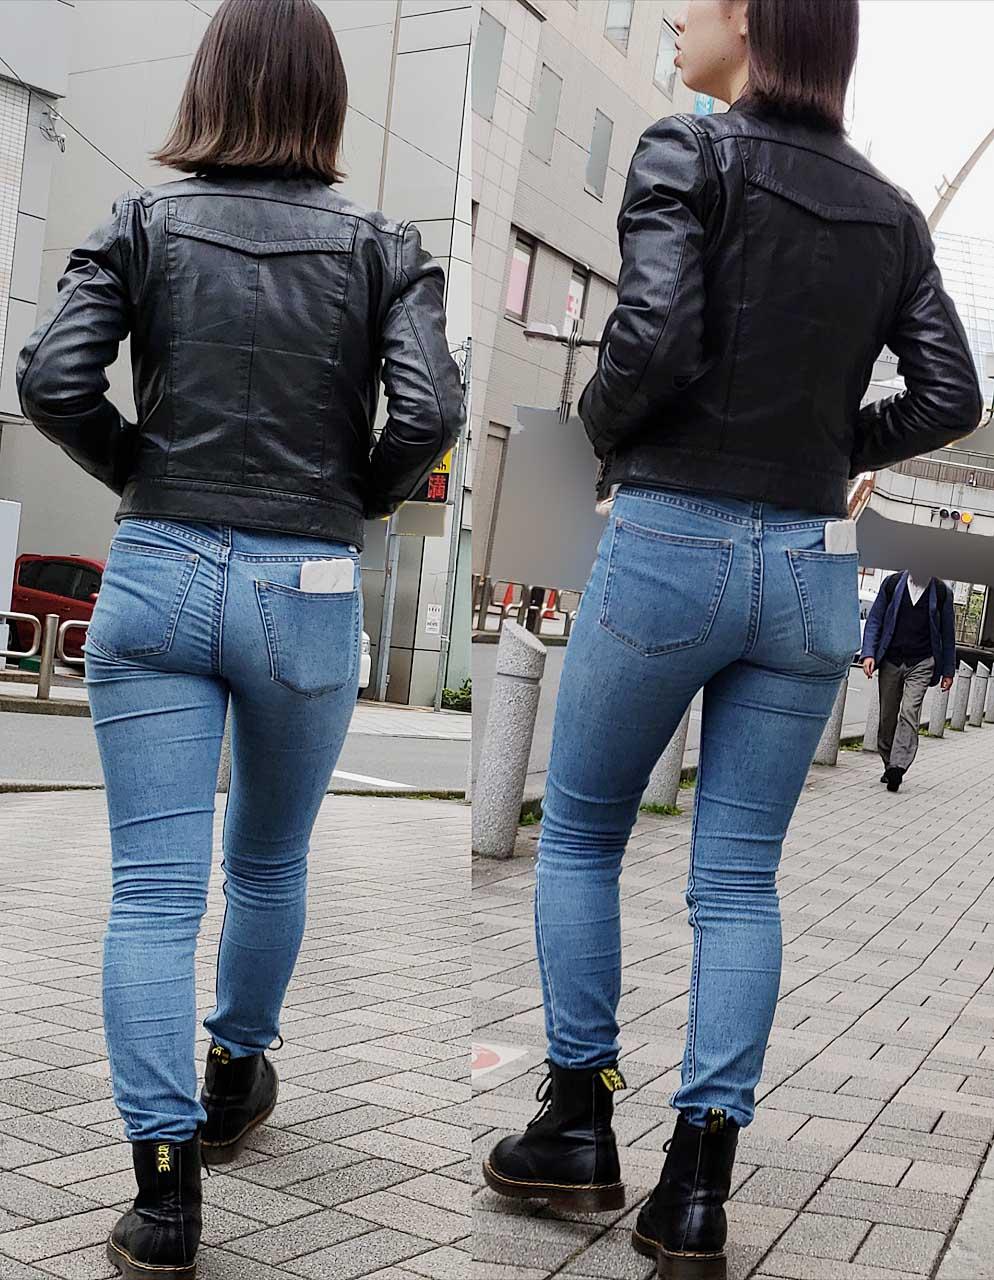 デニムのお尻がセクシーすぎる女子の街撮り素人エロ画像-017